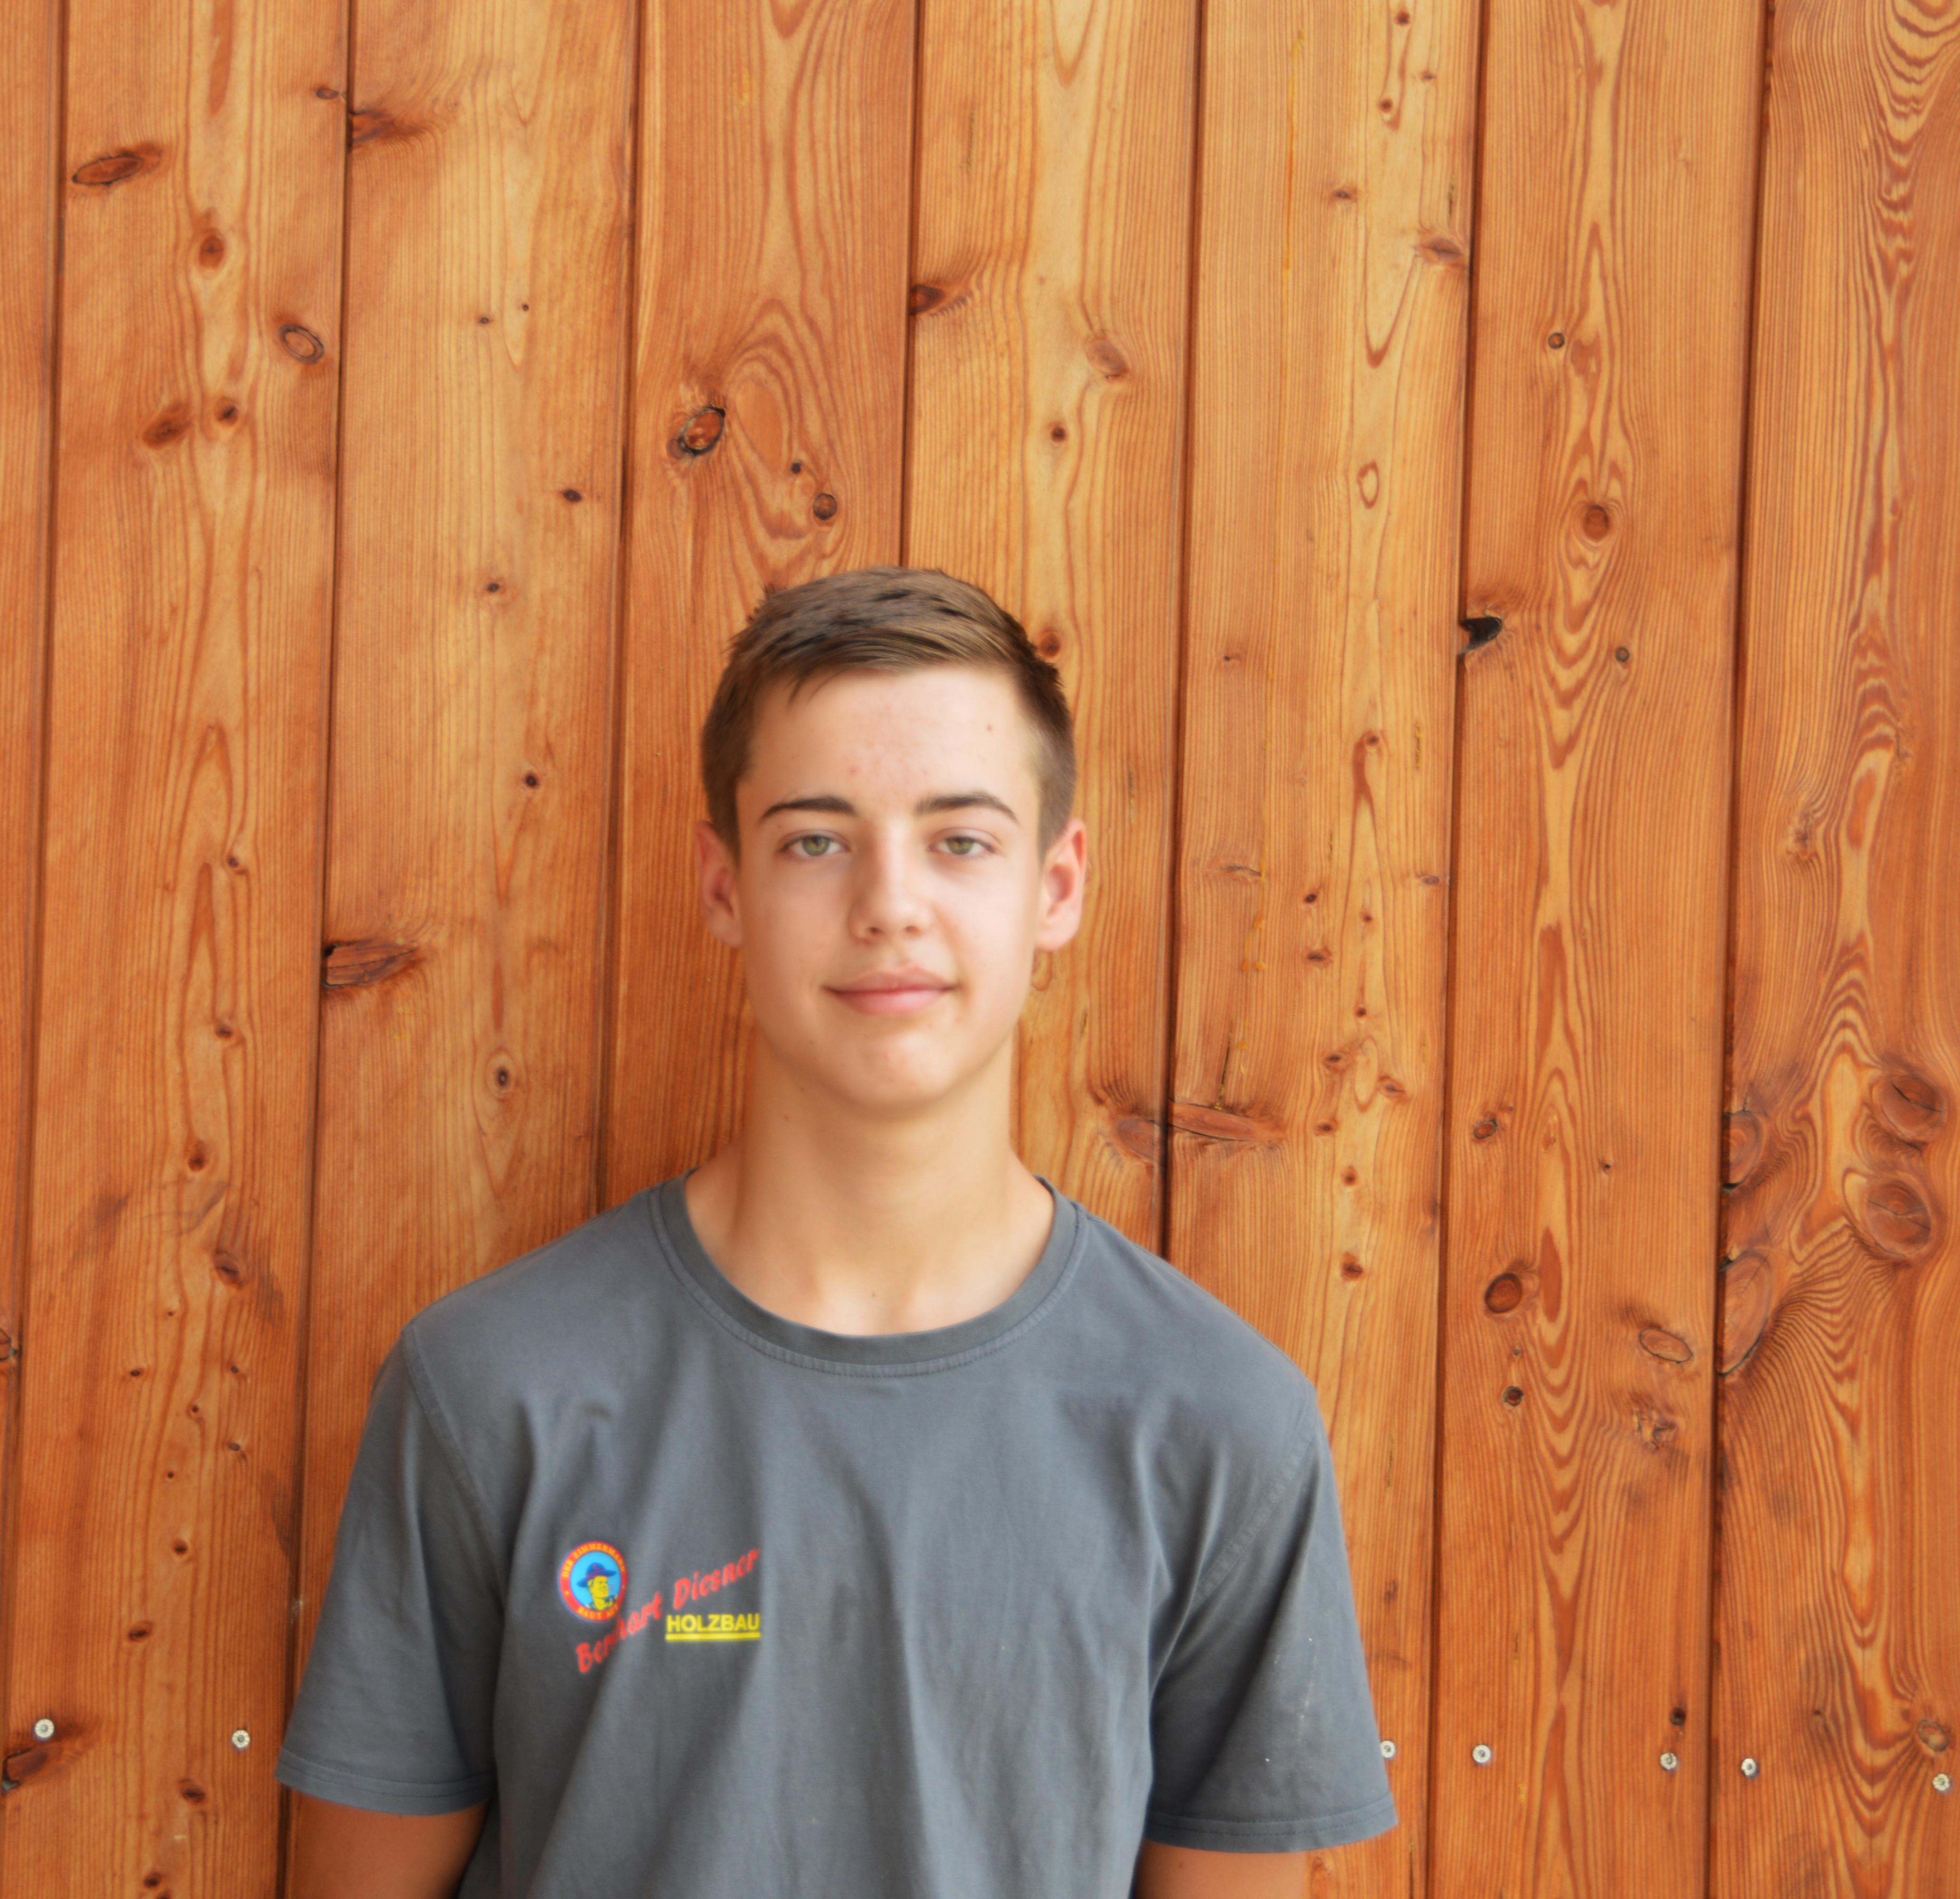 Lukas Feiler (Lehrling Zimmerer, Fertigteilhausbauer)